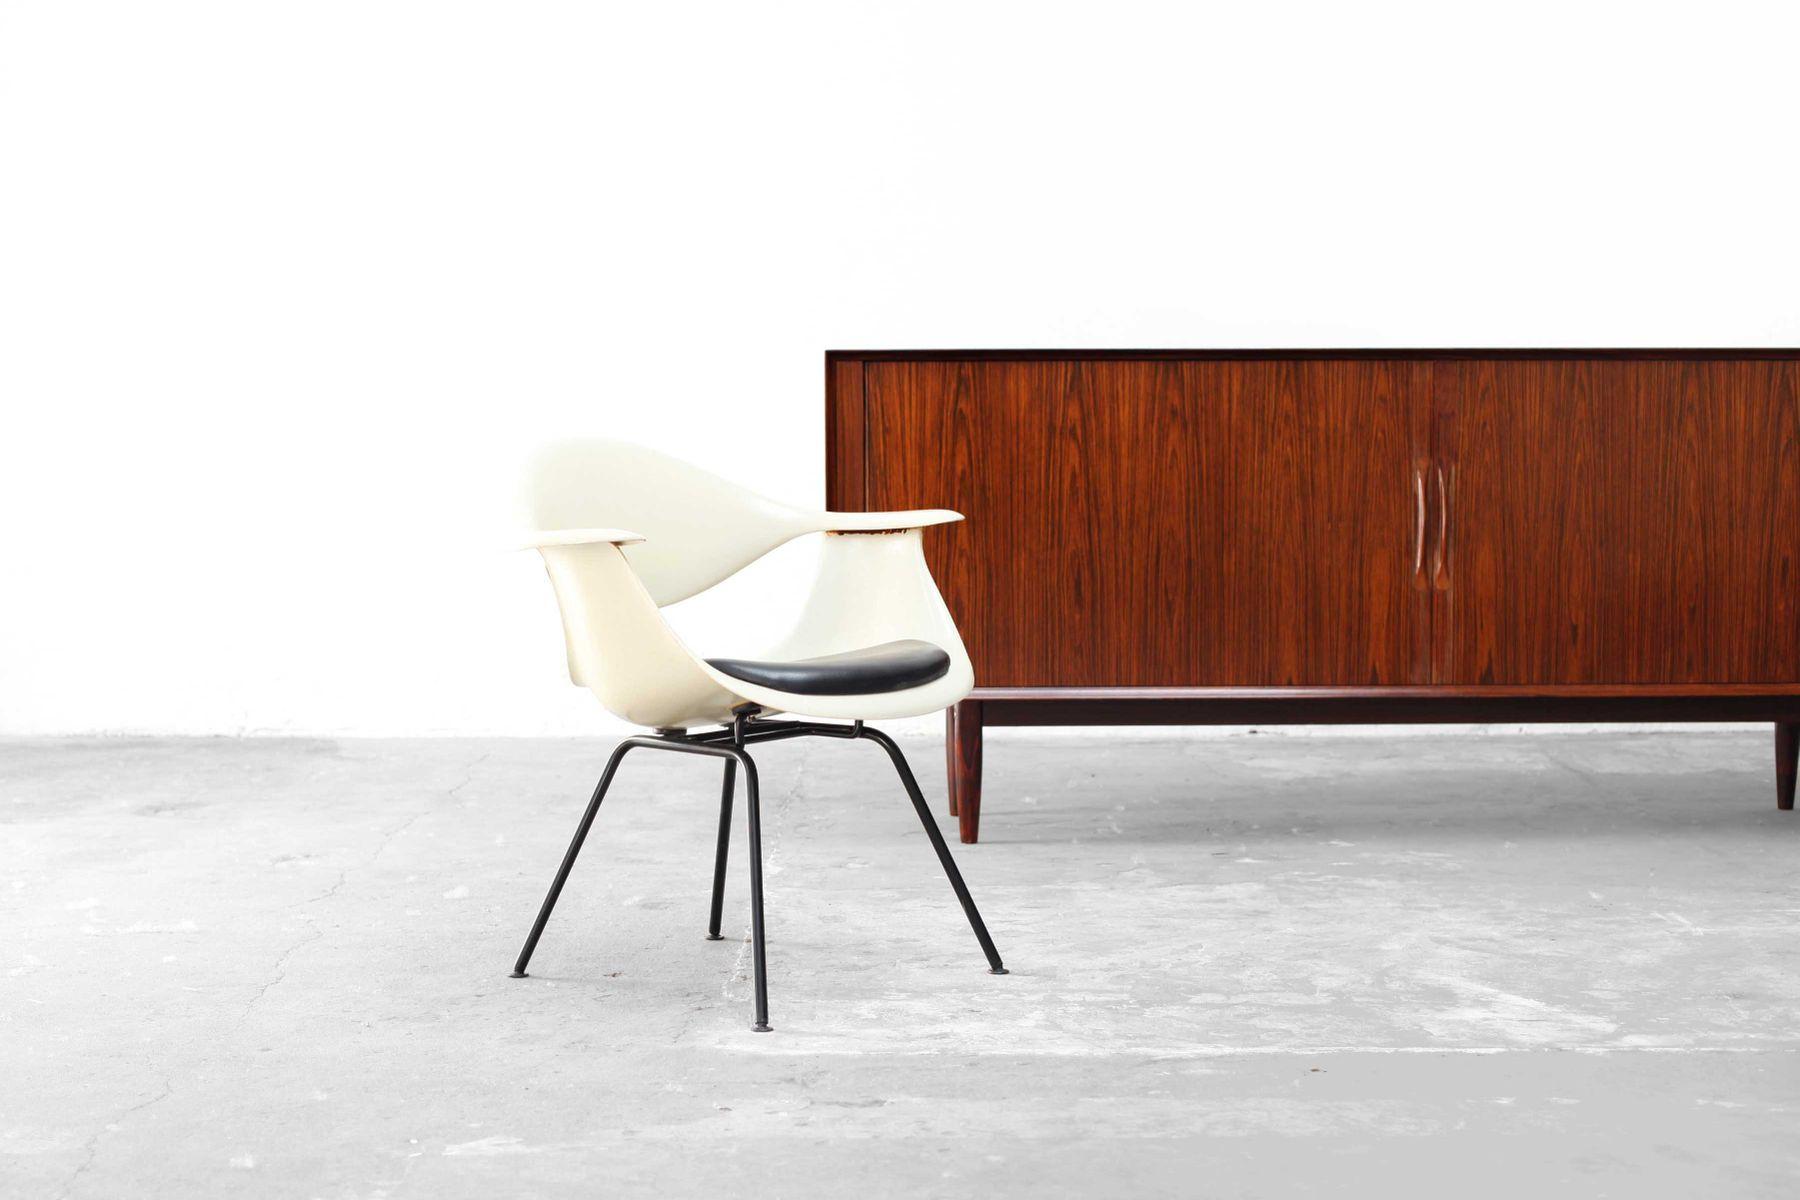 niedriger deutscher daf h base stuhl von george nelson f r herman miller 1958 bei pamono kaufen. Black Bedroom Furniture Sets. Home Design Ideas